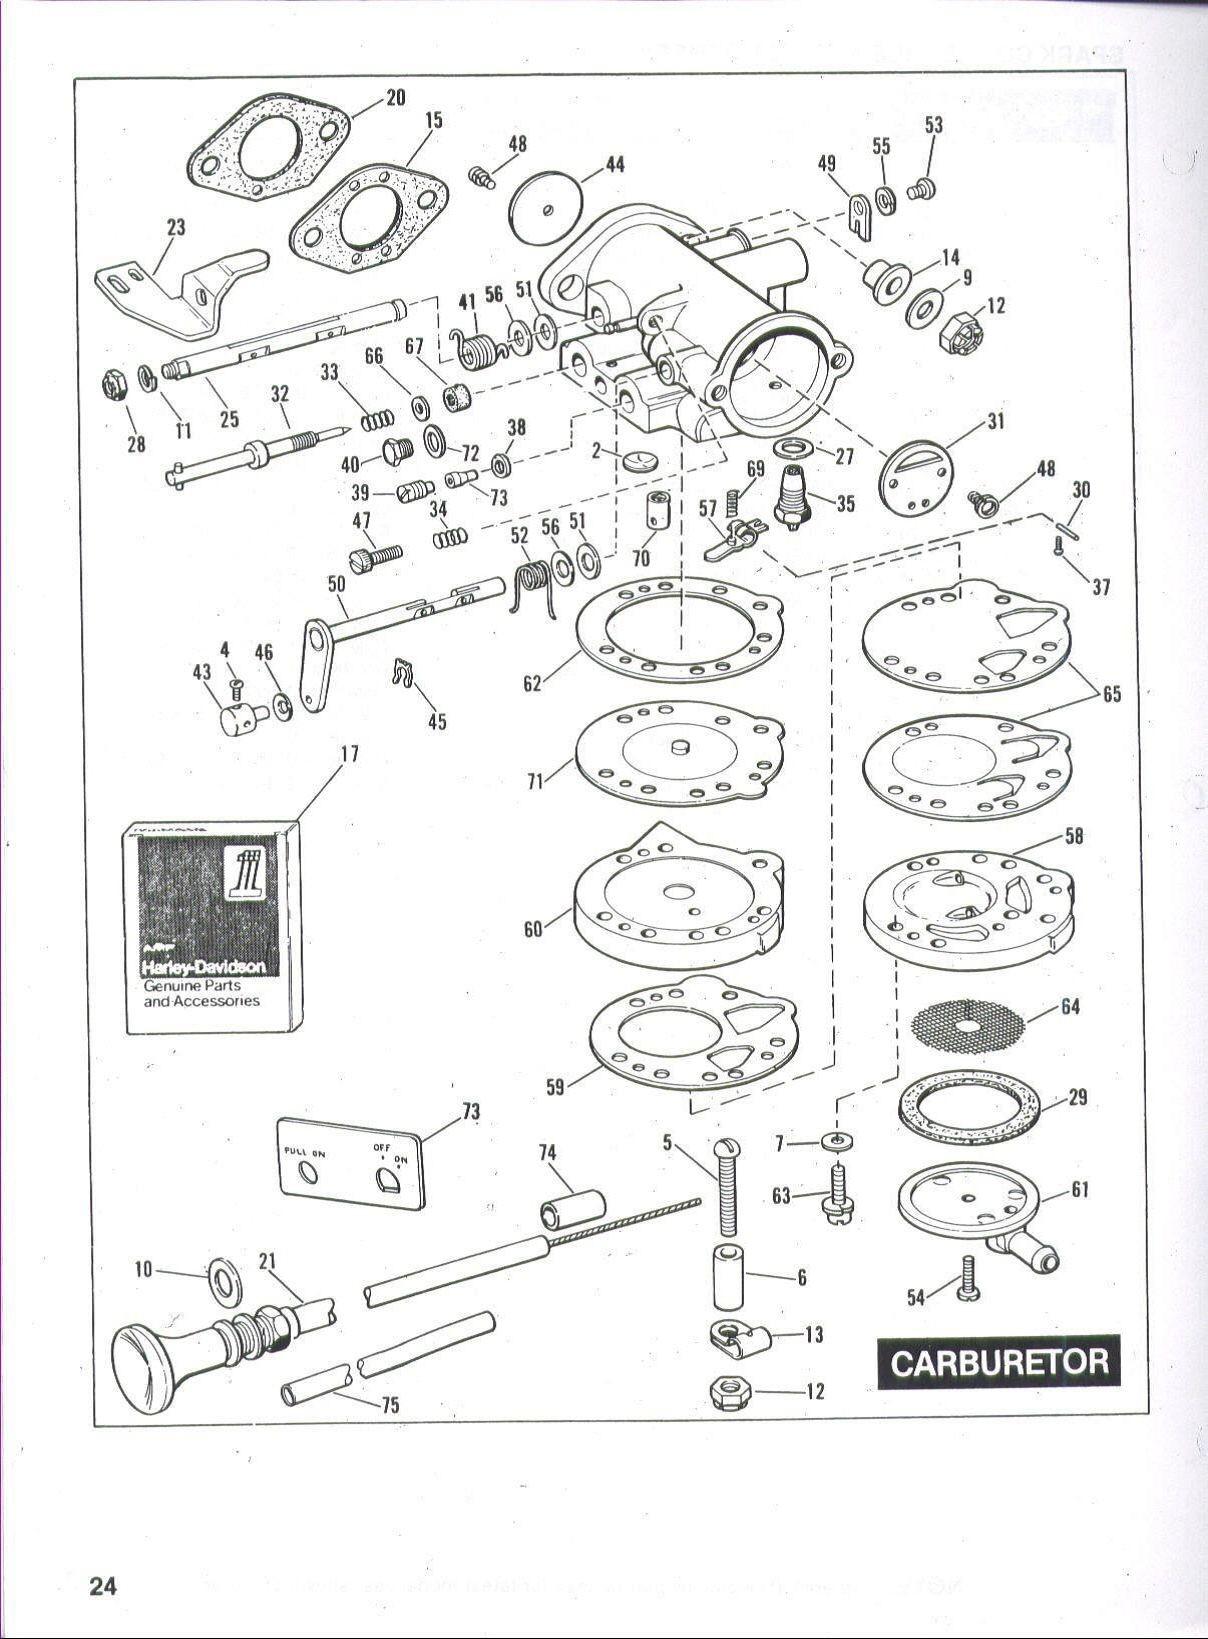 Small Engine Carburetor Diagram Kawasaki Fh500v Engine Manual Parts on golf cart chassis, golf cart gas motors, golf cart brands, club car golf cart manual,